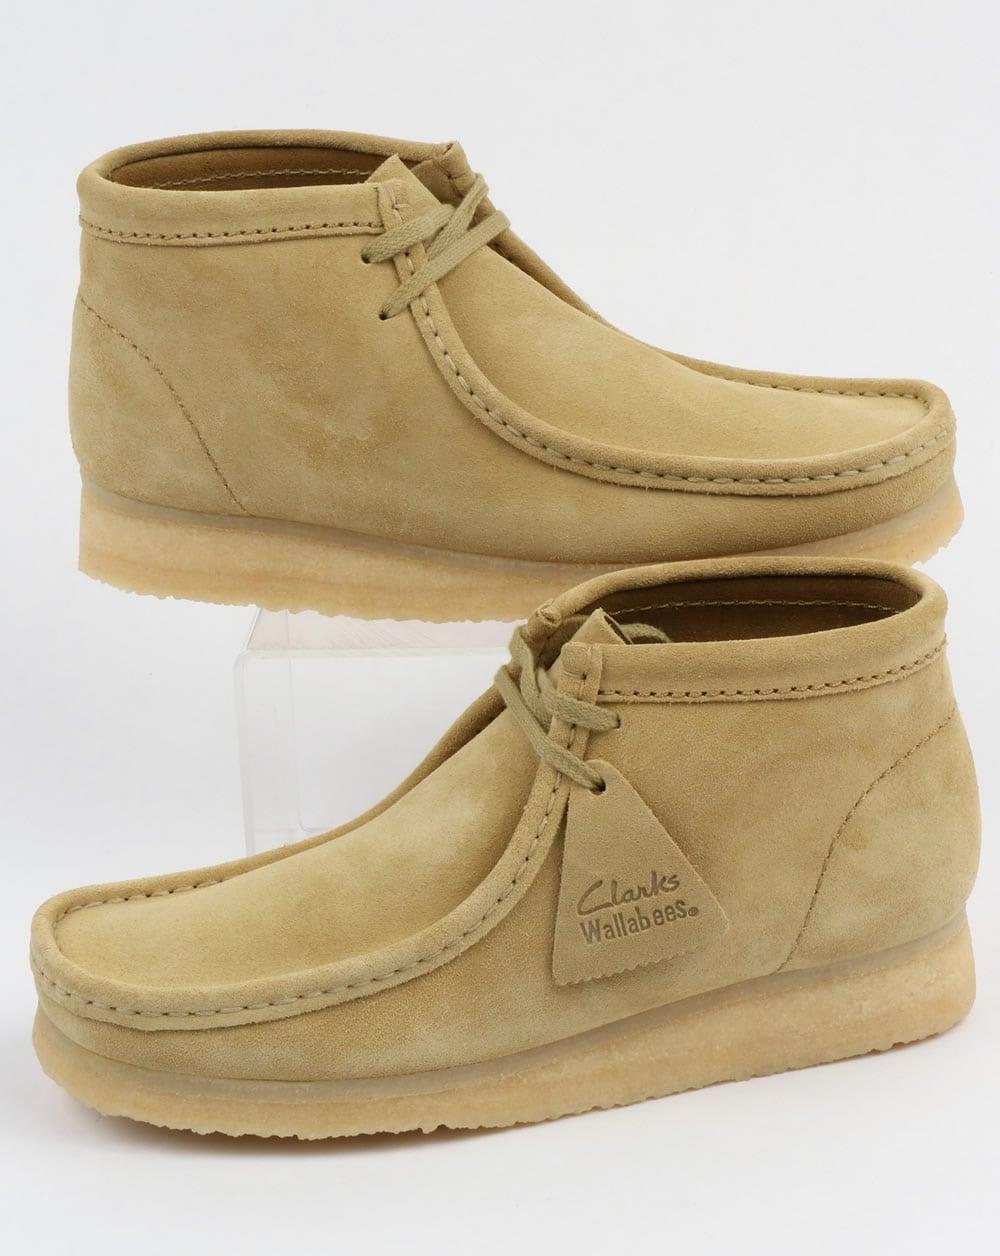 Clarks Originals Herren Wallabee Boot Mokassin: